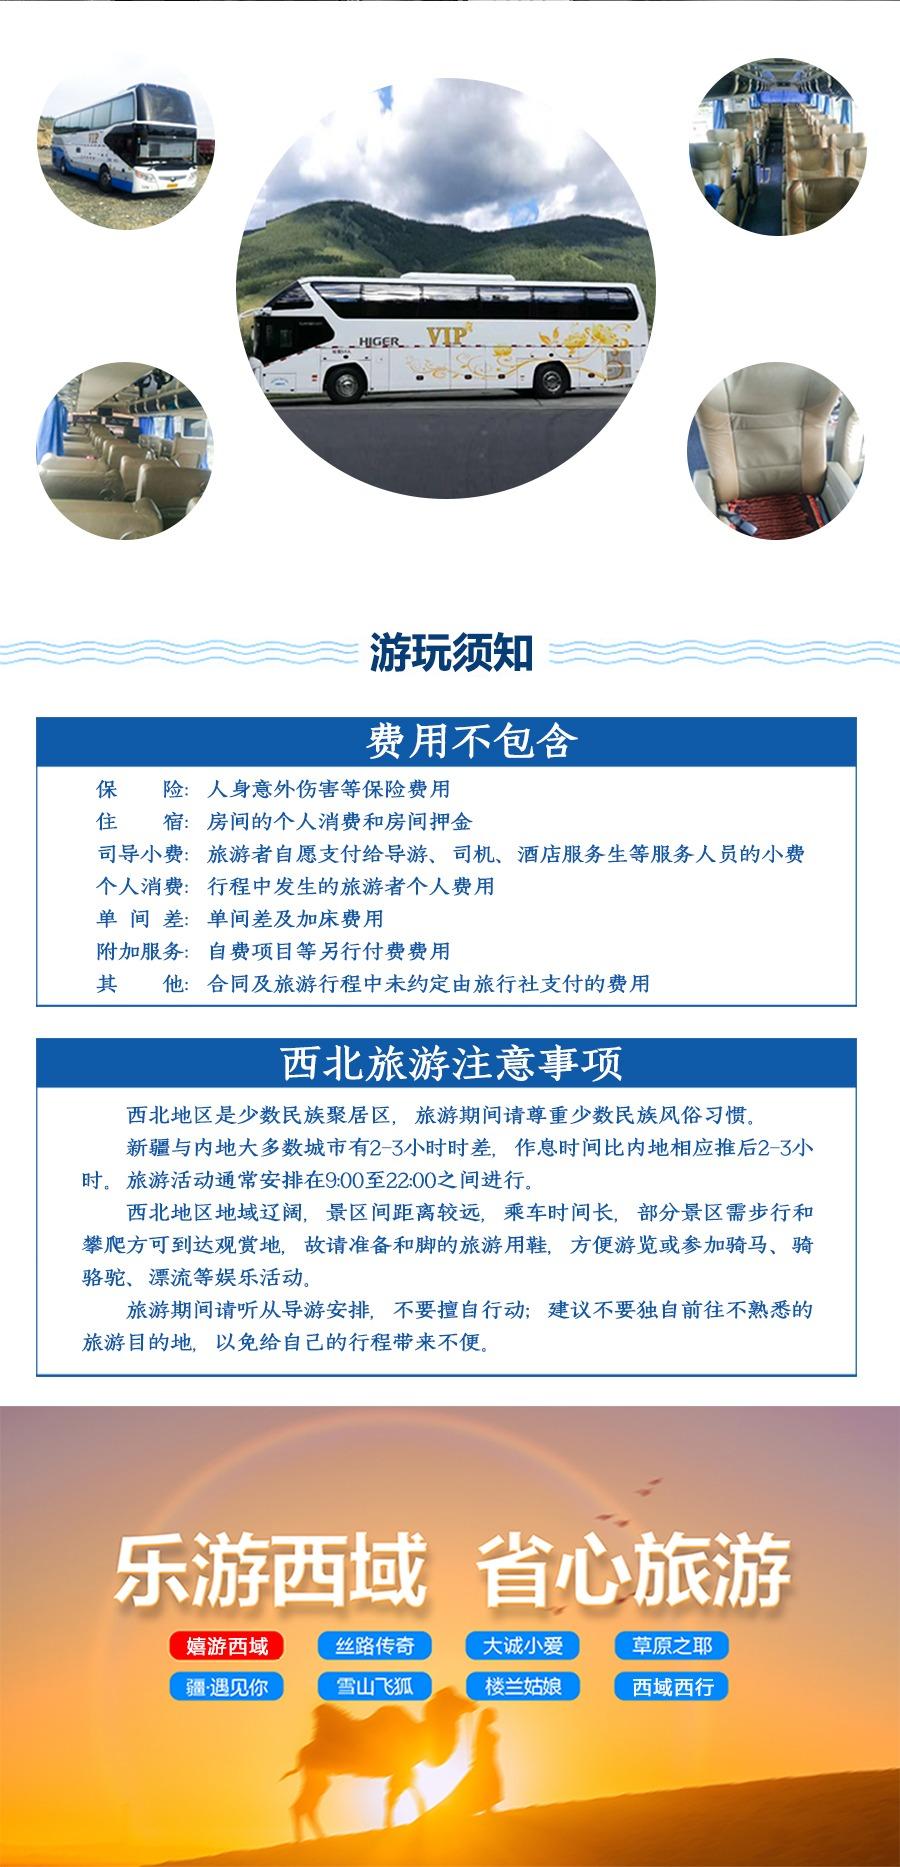 山天池8日7晚跟团游空调车,赠送美食五彩滩景点v美食清真重庆图片